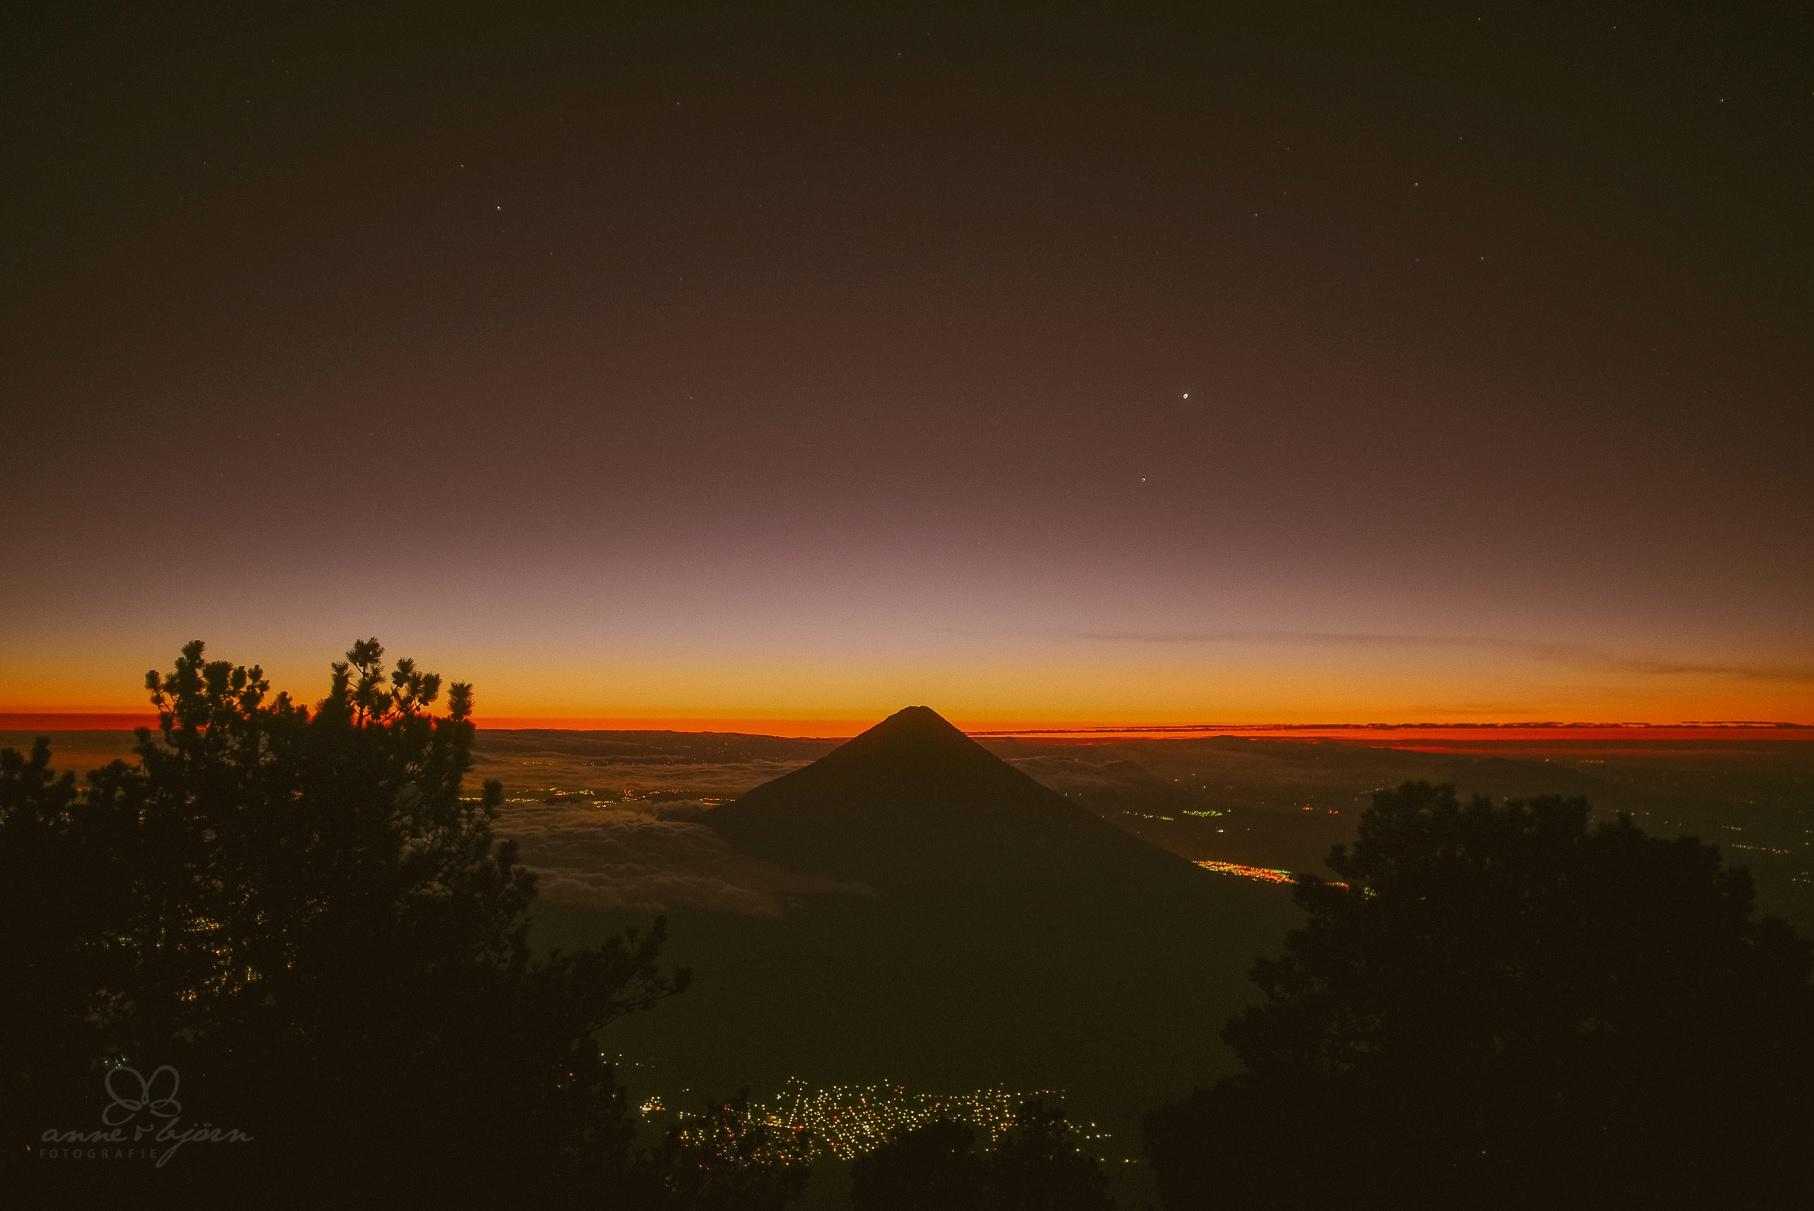 0106 anne und bjoern guatemala d75 2093 - 4 Wochen durch Guatemala - backpacking durch Mittelamerika